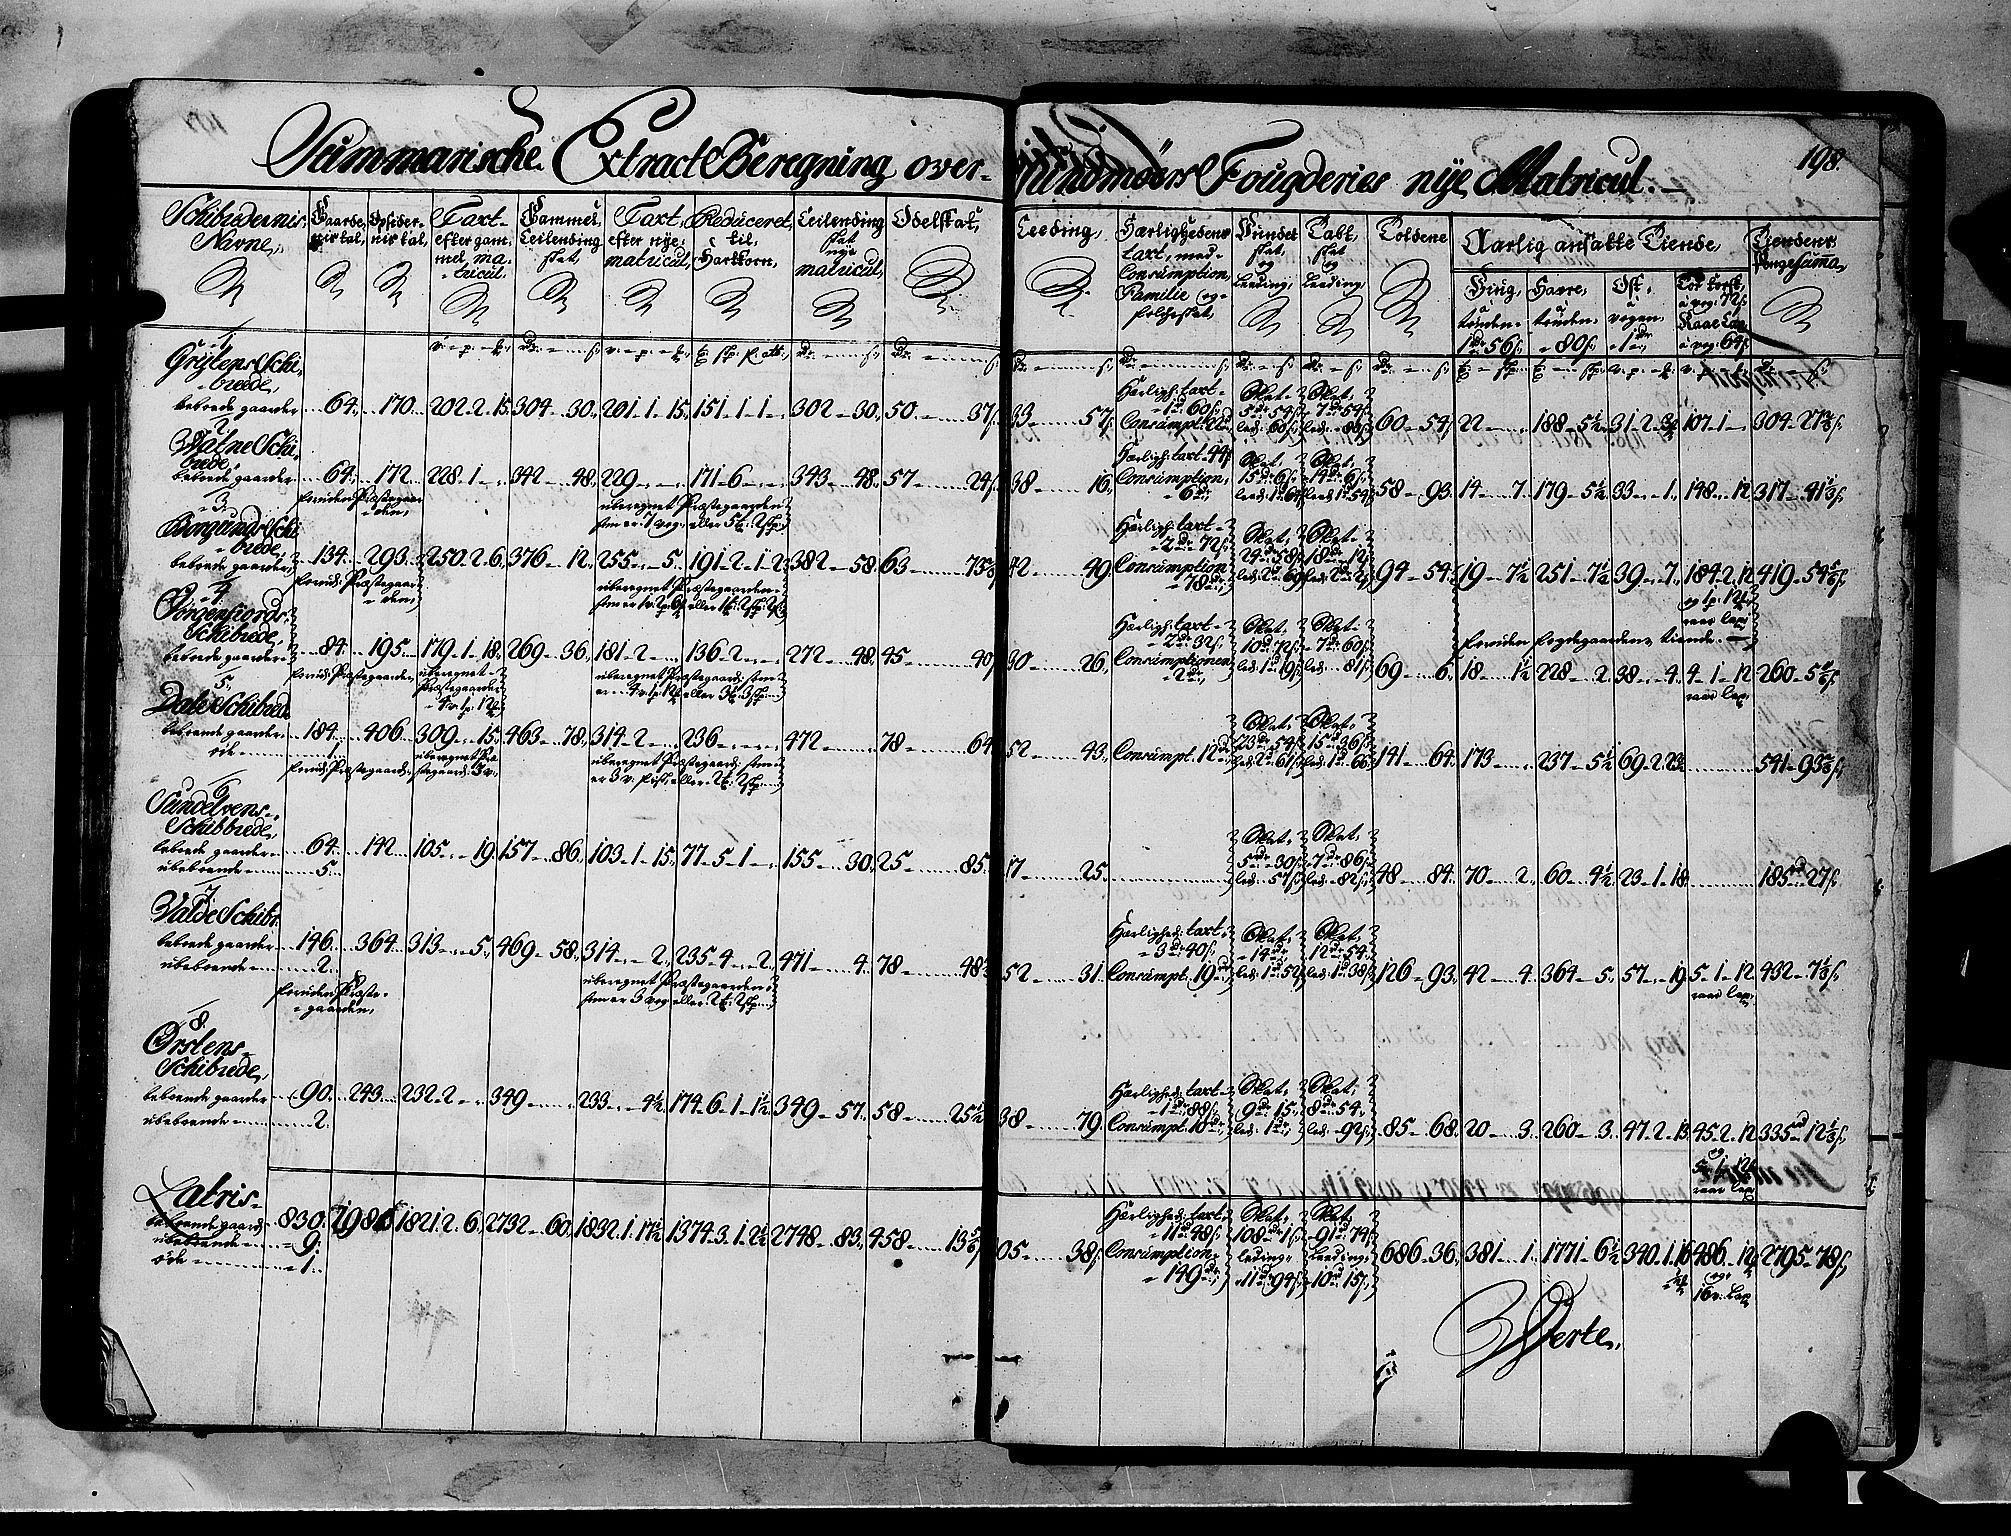 RA, Rentekammeret inntil 1814, Realistisk ordnet avdeling, N/Nb/Nbf/L0151: Sunnmøre matrikkelprotokoll, 1724, s. 197b-198a